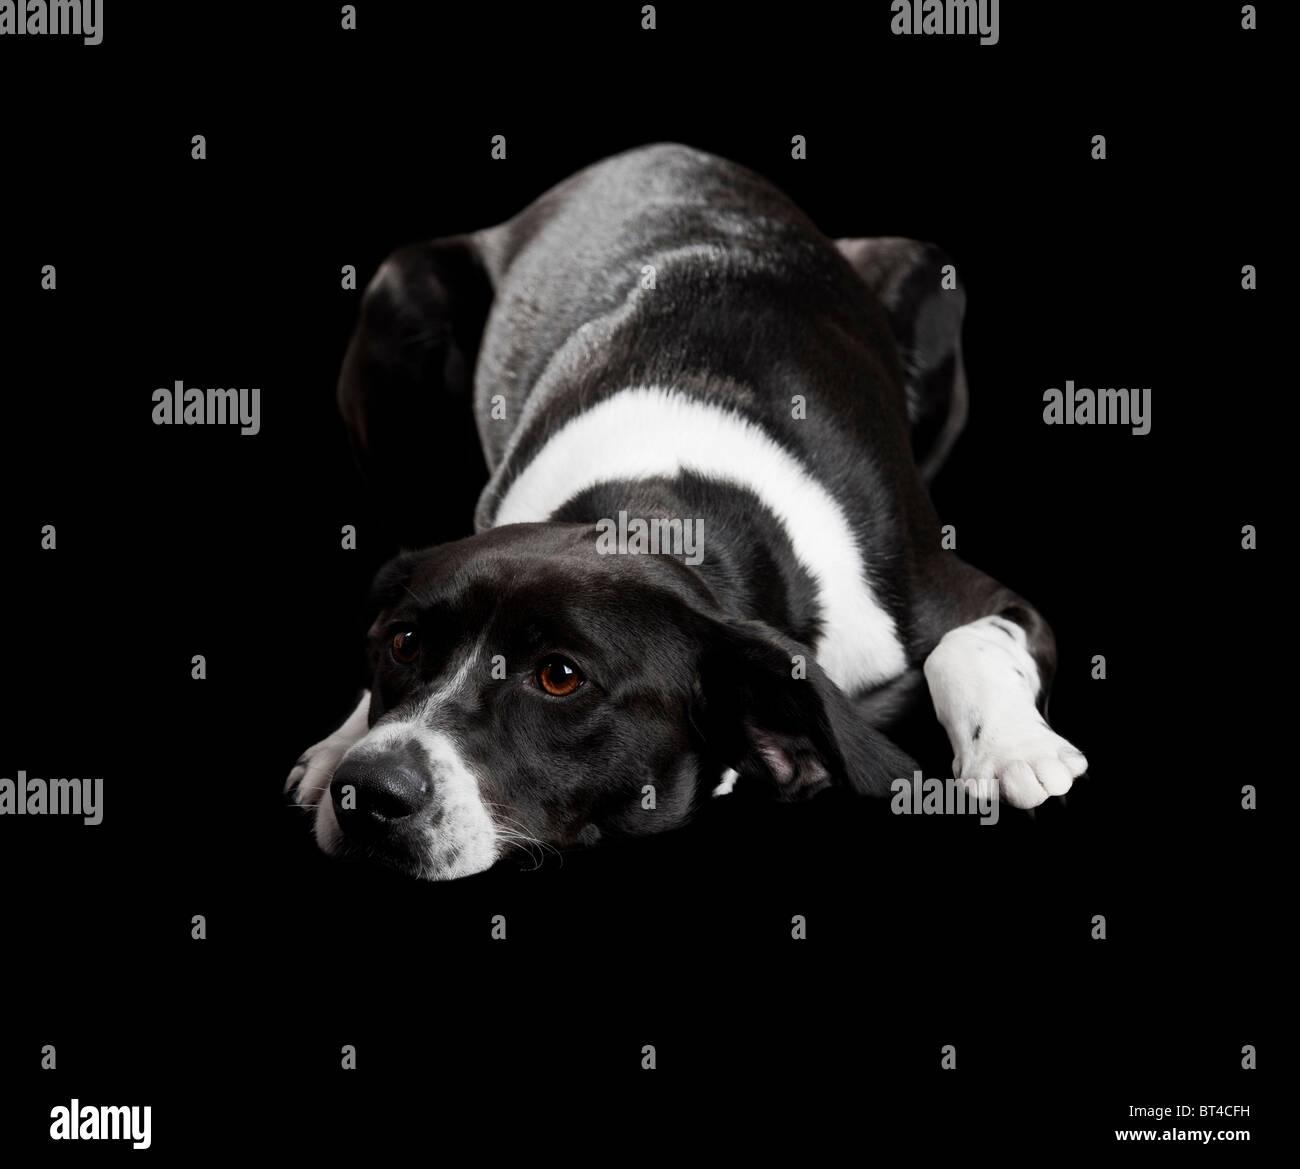 Bello cane sdraiato sul pavimento con un aspetto triste, isolato su nero Immagini Stock